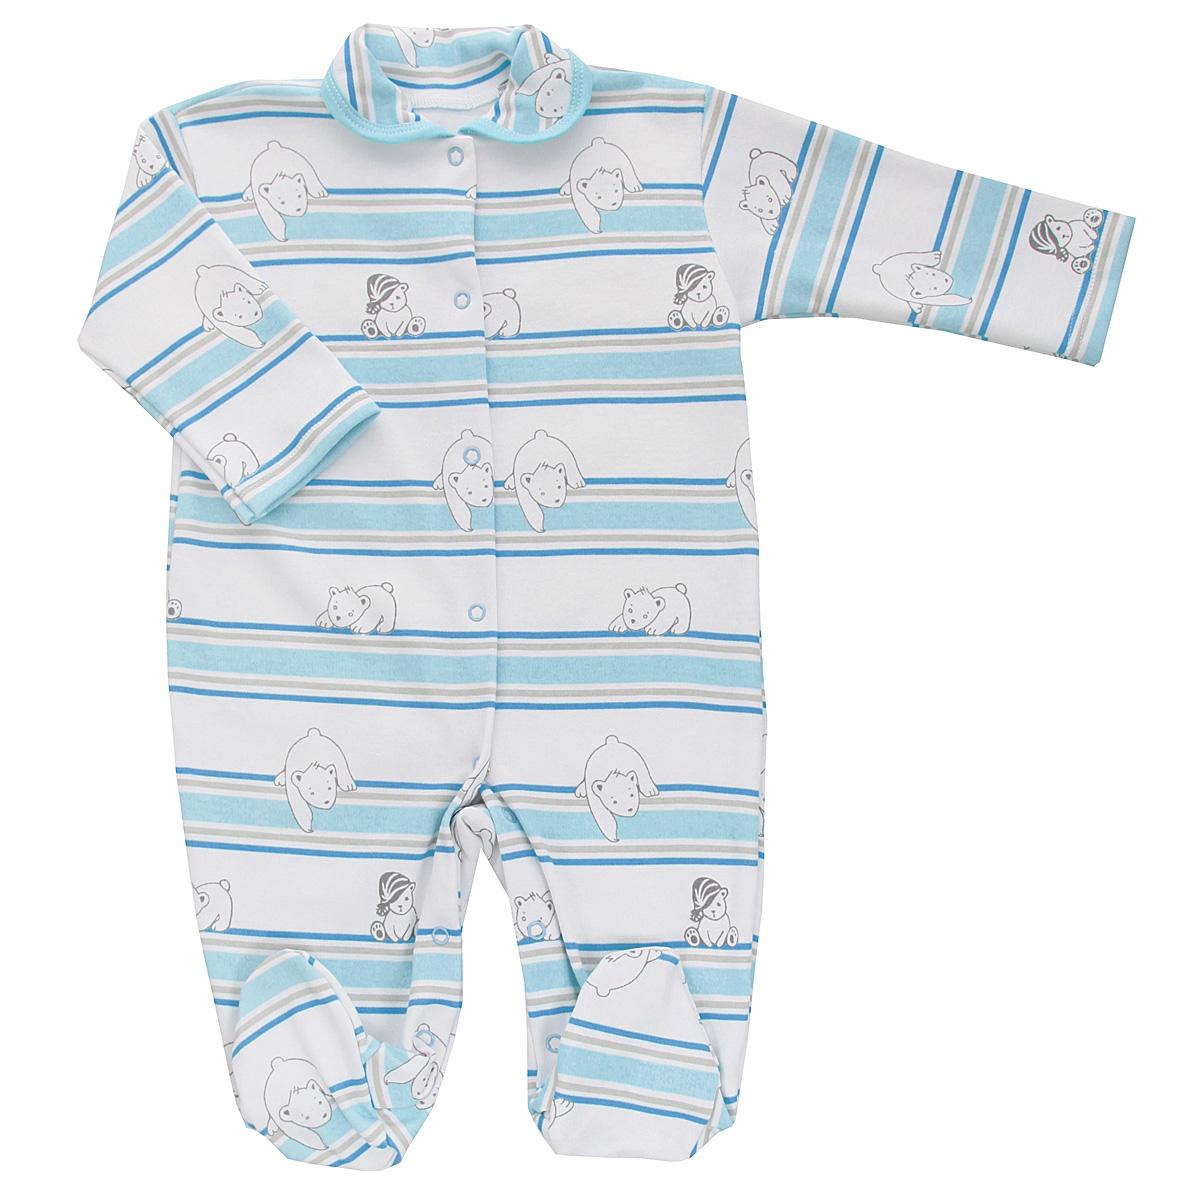 Комбинезон детский Трон-плюс, цвет: белый, голубой. 5815_мишка, полоска. Размер 62, 3 месяца5815_мишка, полоскаДетский комбинезон Трон-Плюс - очень удобный и практичный вид одежды для малышей. Комбинезон выполнен из интерлока - натурального хлопка, благодаря чему он необычайно мягкий и приятный на ощупь, не раздражает нежную кожу ребенка, и хорошо вентилируются, а эластичные швы приятны телу младенца и не препятствуют его движениям. Комбинезон с длинными рукавами, закрытыми ножками и отложным воротничком имеет застежки-кнопки от горловины до щиколоток, которые помогают легко переодеть ребенка или сменить подгузник. Воротник по краю дополнен контрастной бейкой. Оформлено изделие принтом в полоску, а также изображениями медвежат. С детским комбинезоном спинка и ножки вашего крохи всегда будут в тепле, он идеален для использования днем и незаменим ночью. Комбинезон полностью соответствует особенностям жизни младенца в ранний период, не стесняя и не ограничивая его в движениях!